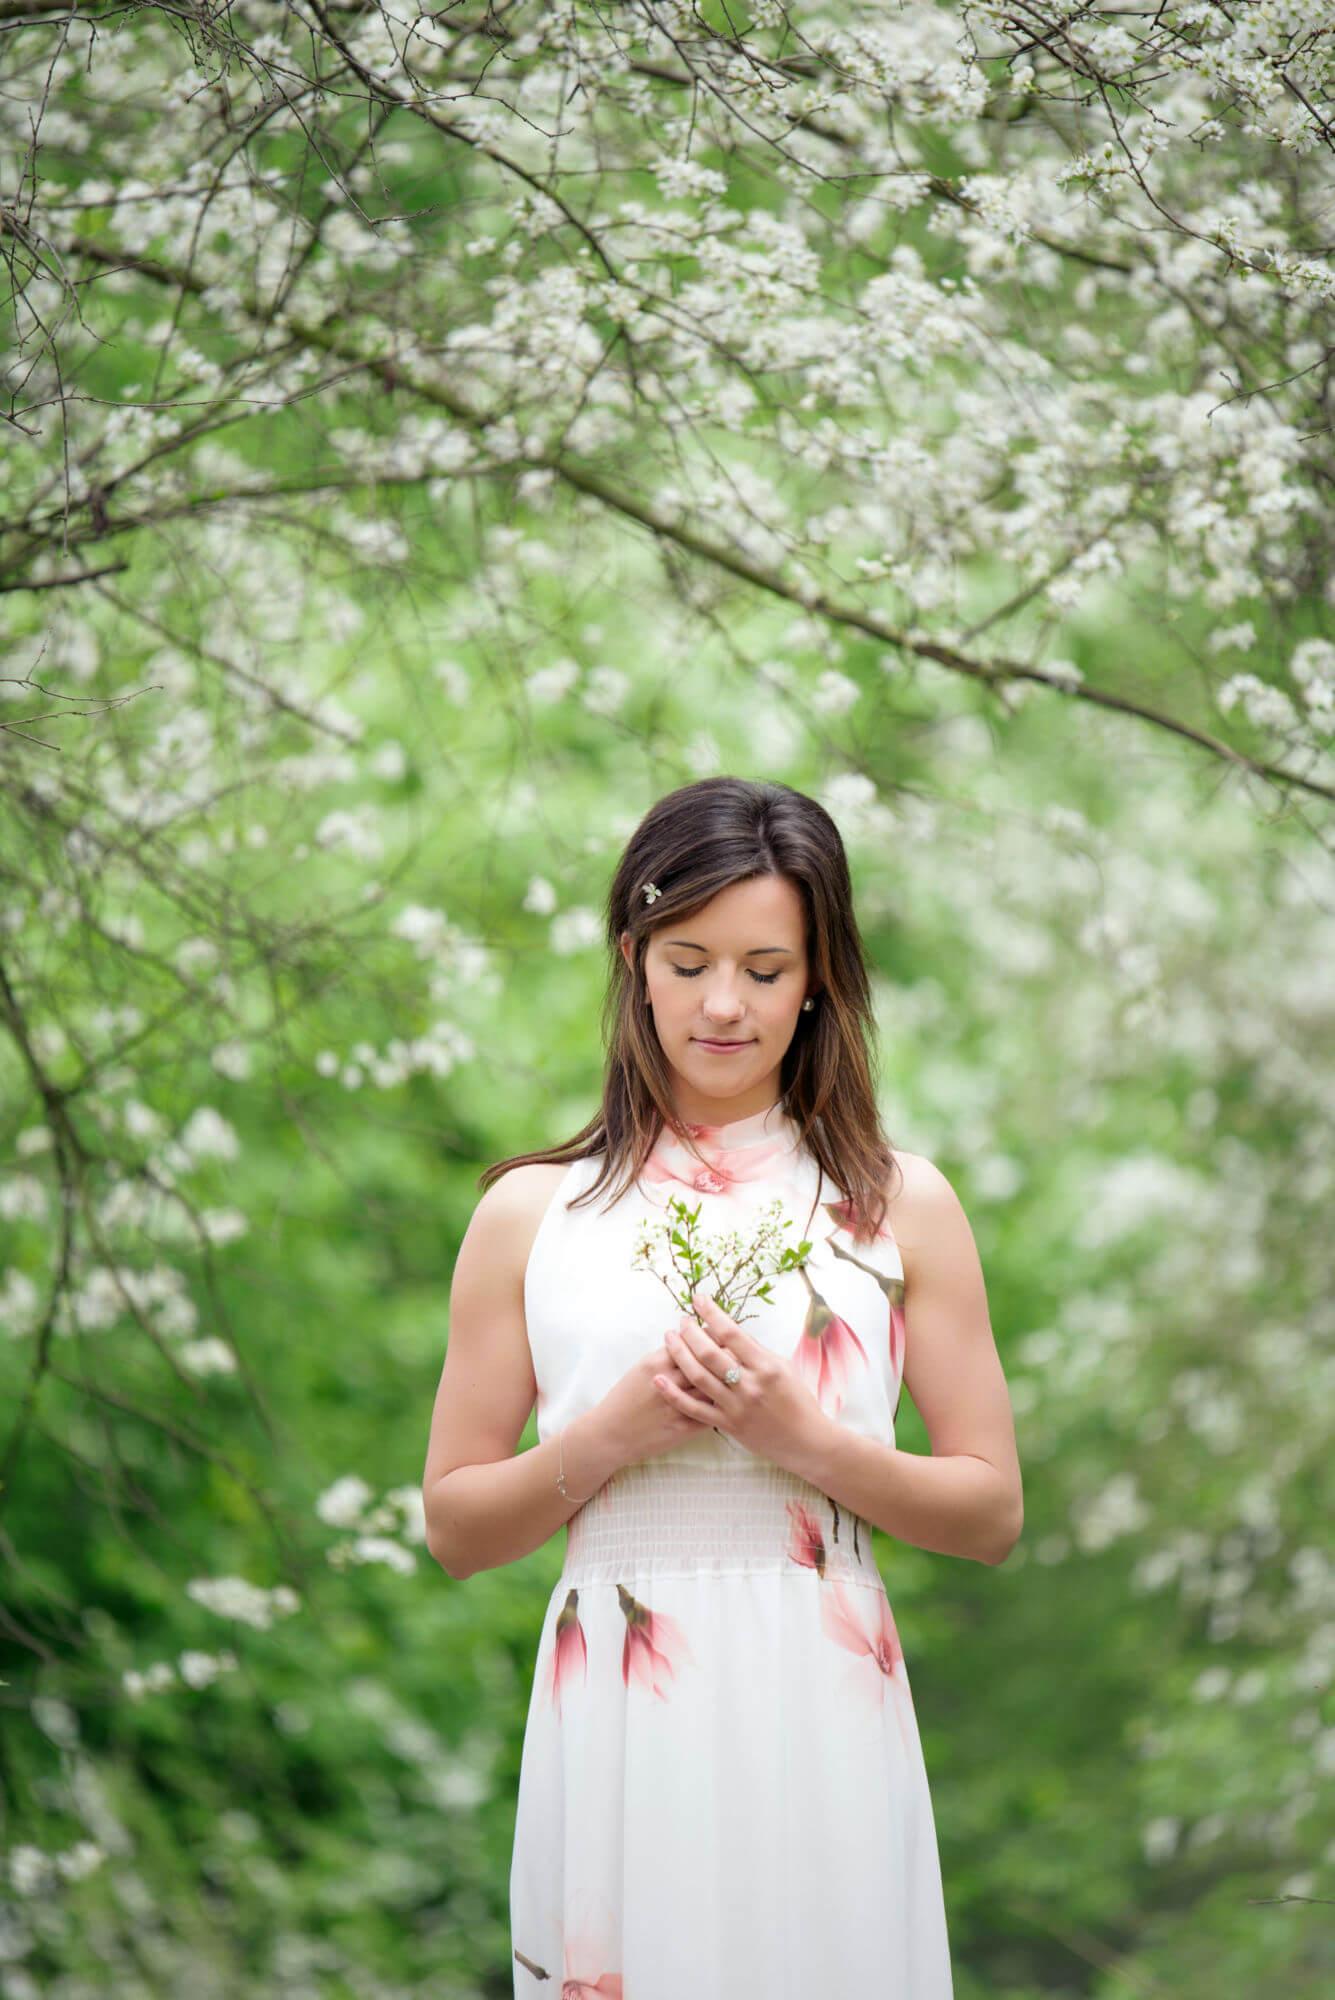 Aneta Štěpánková mezi kvetoucími stromy